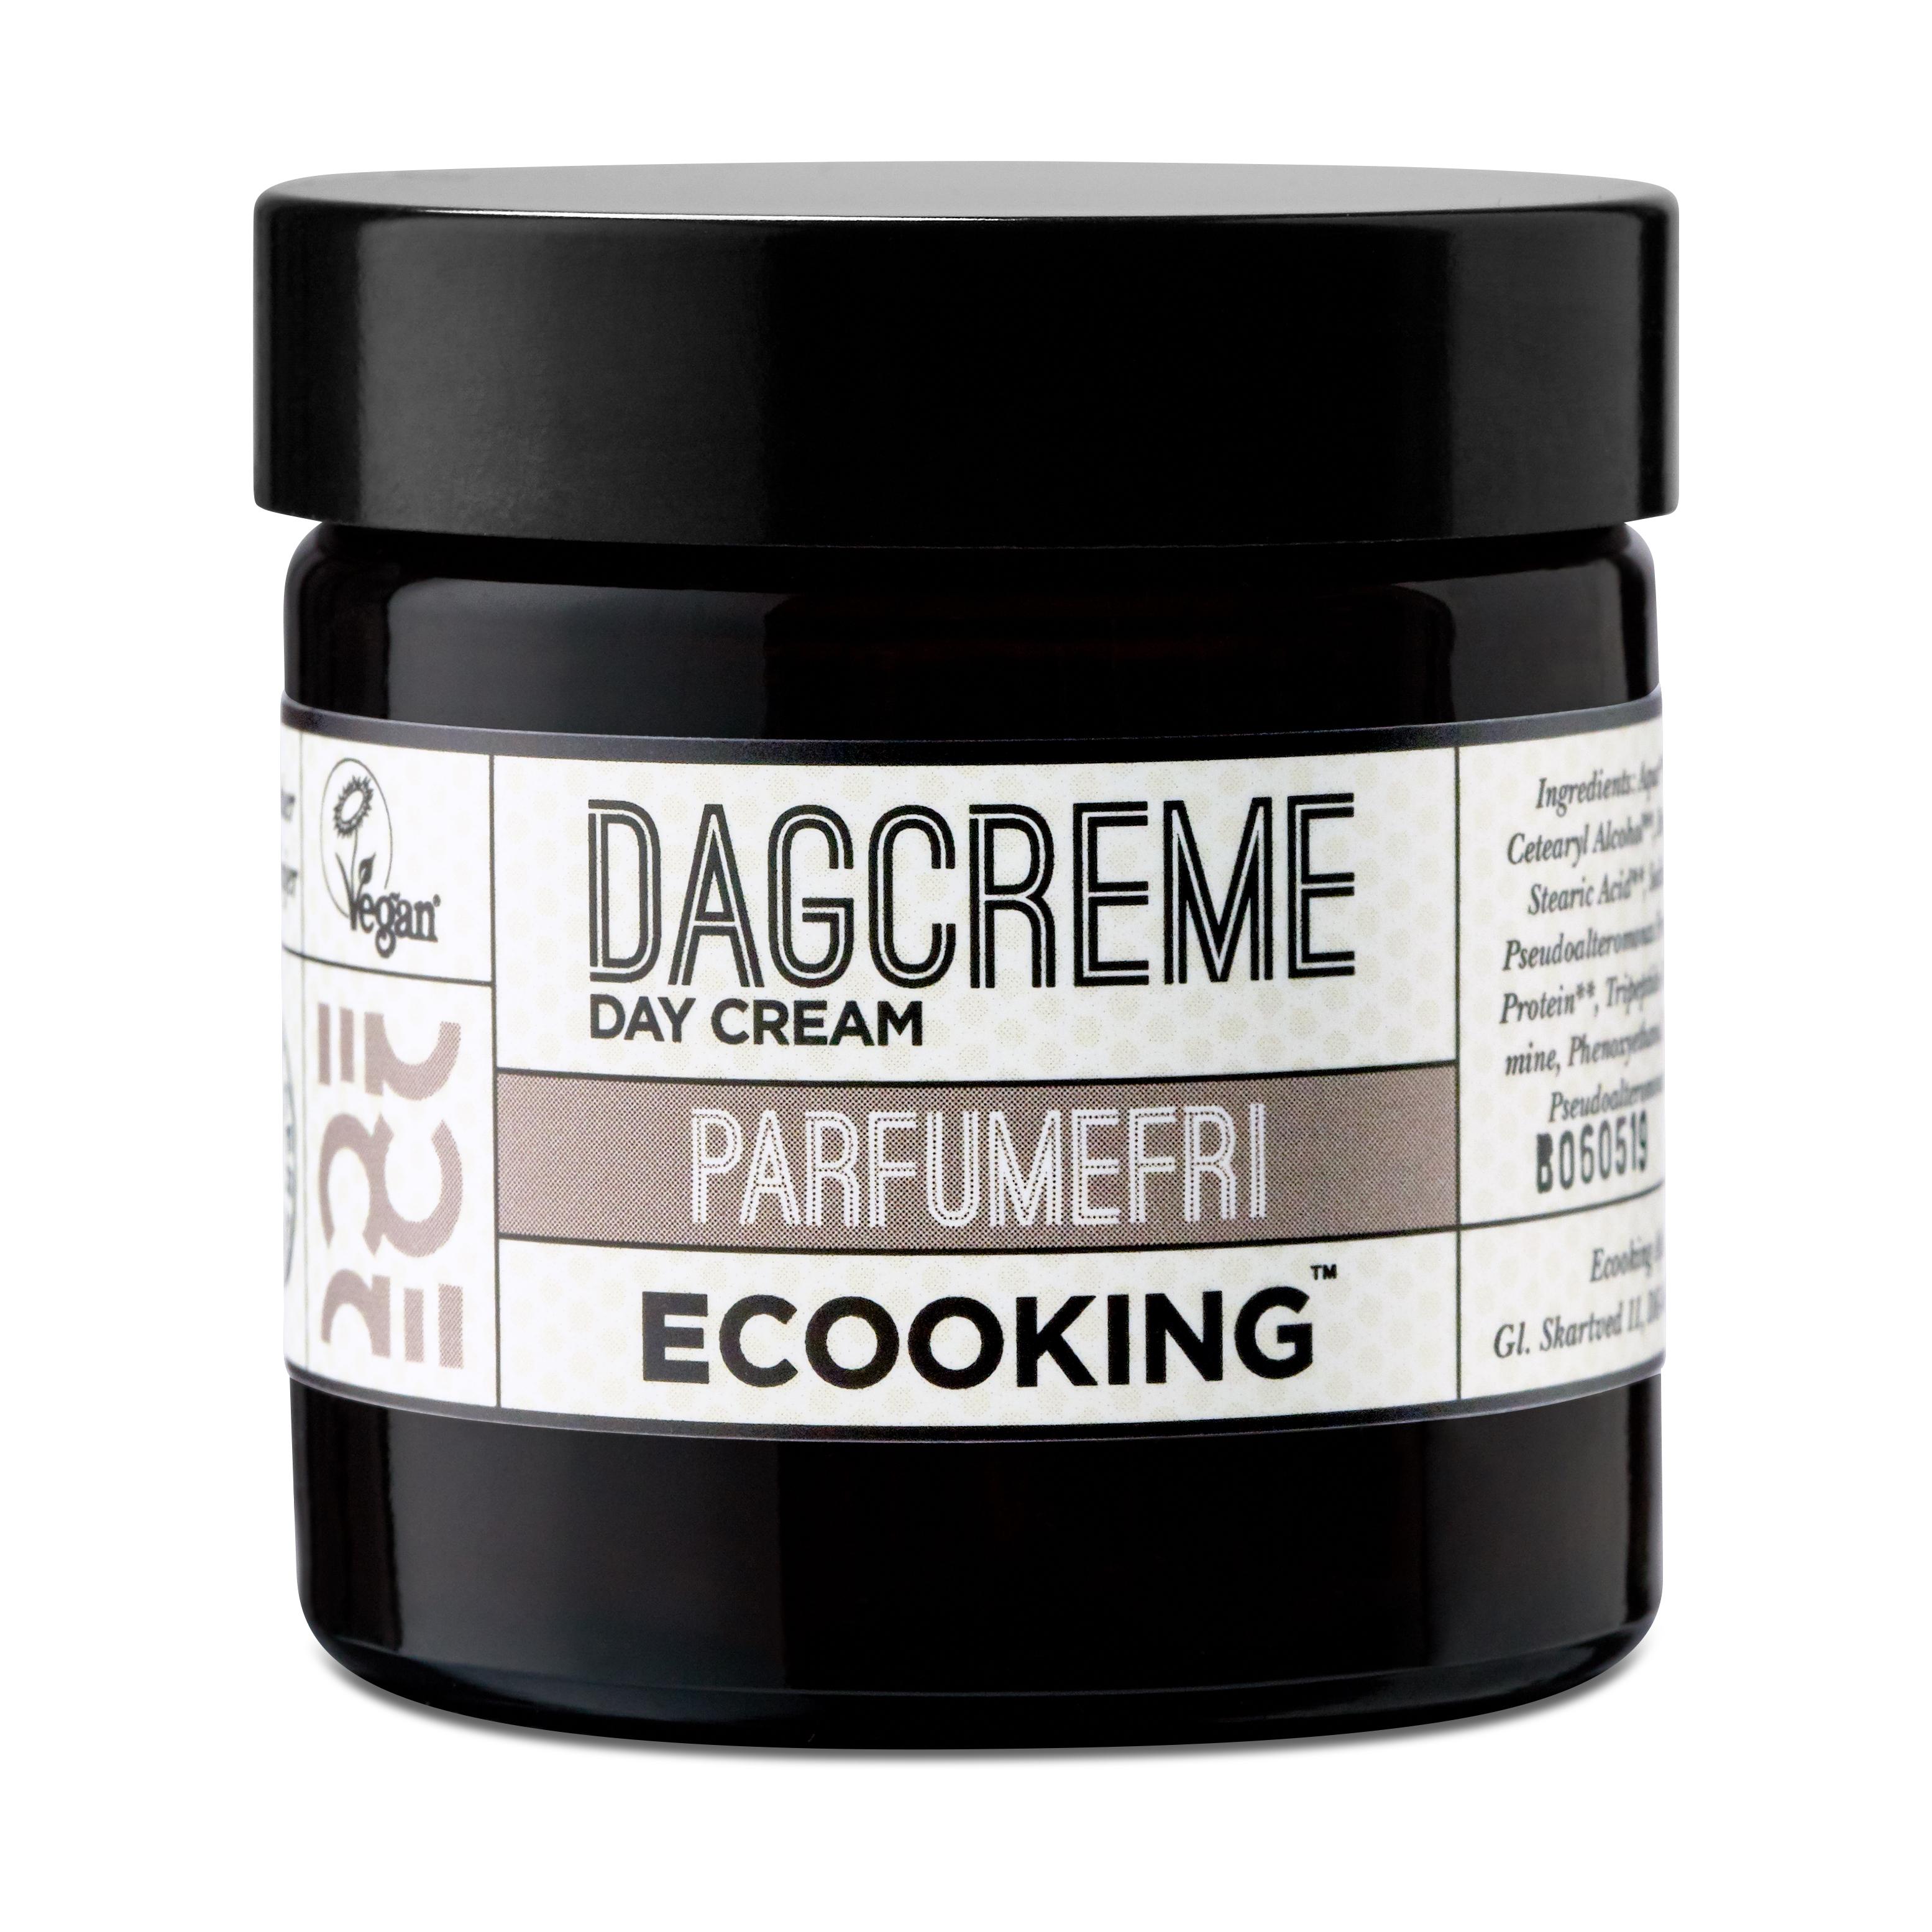 Ecooking Parfumefri Dagcreme, 50 ml